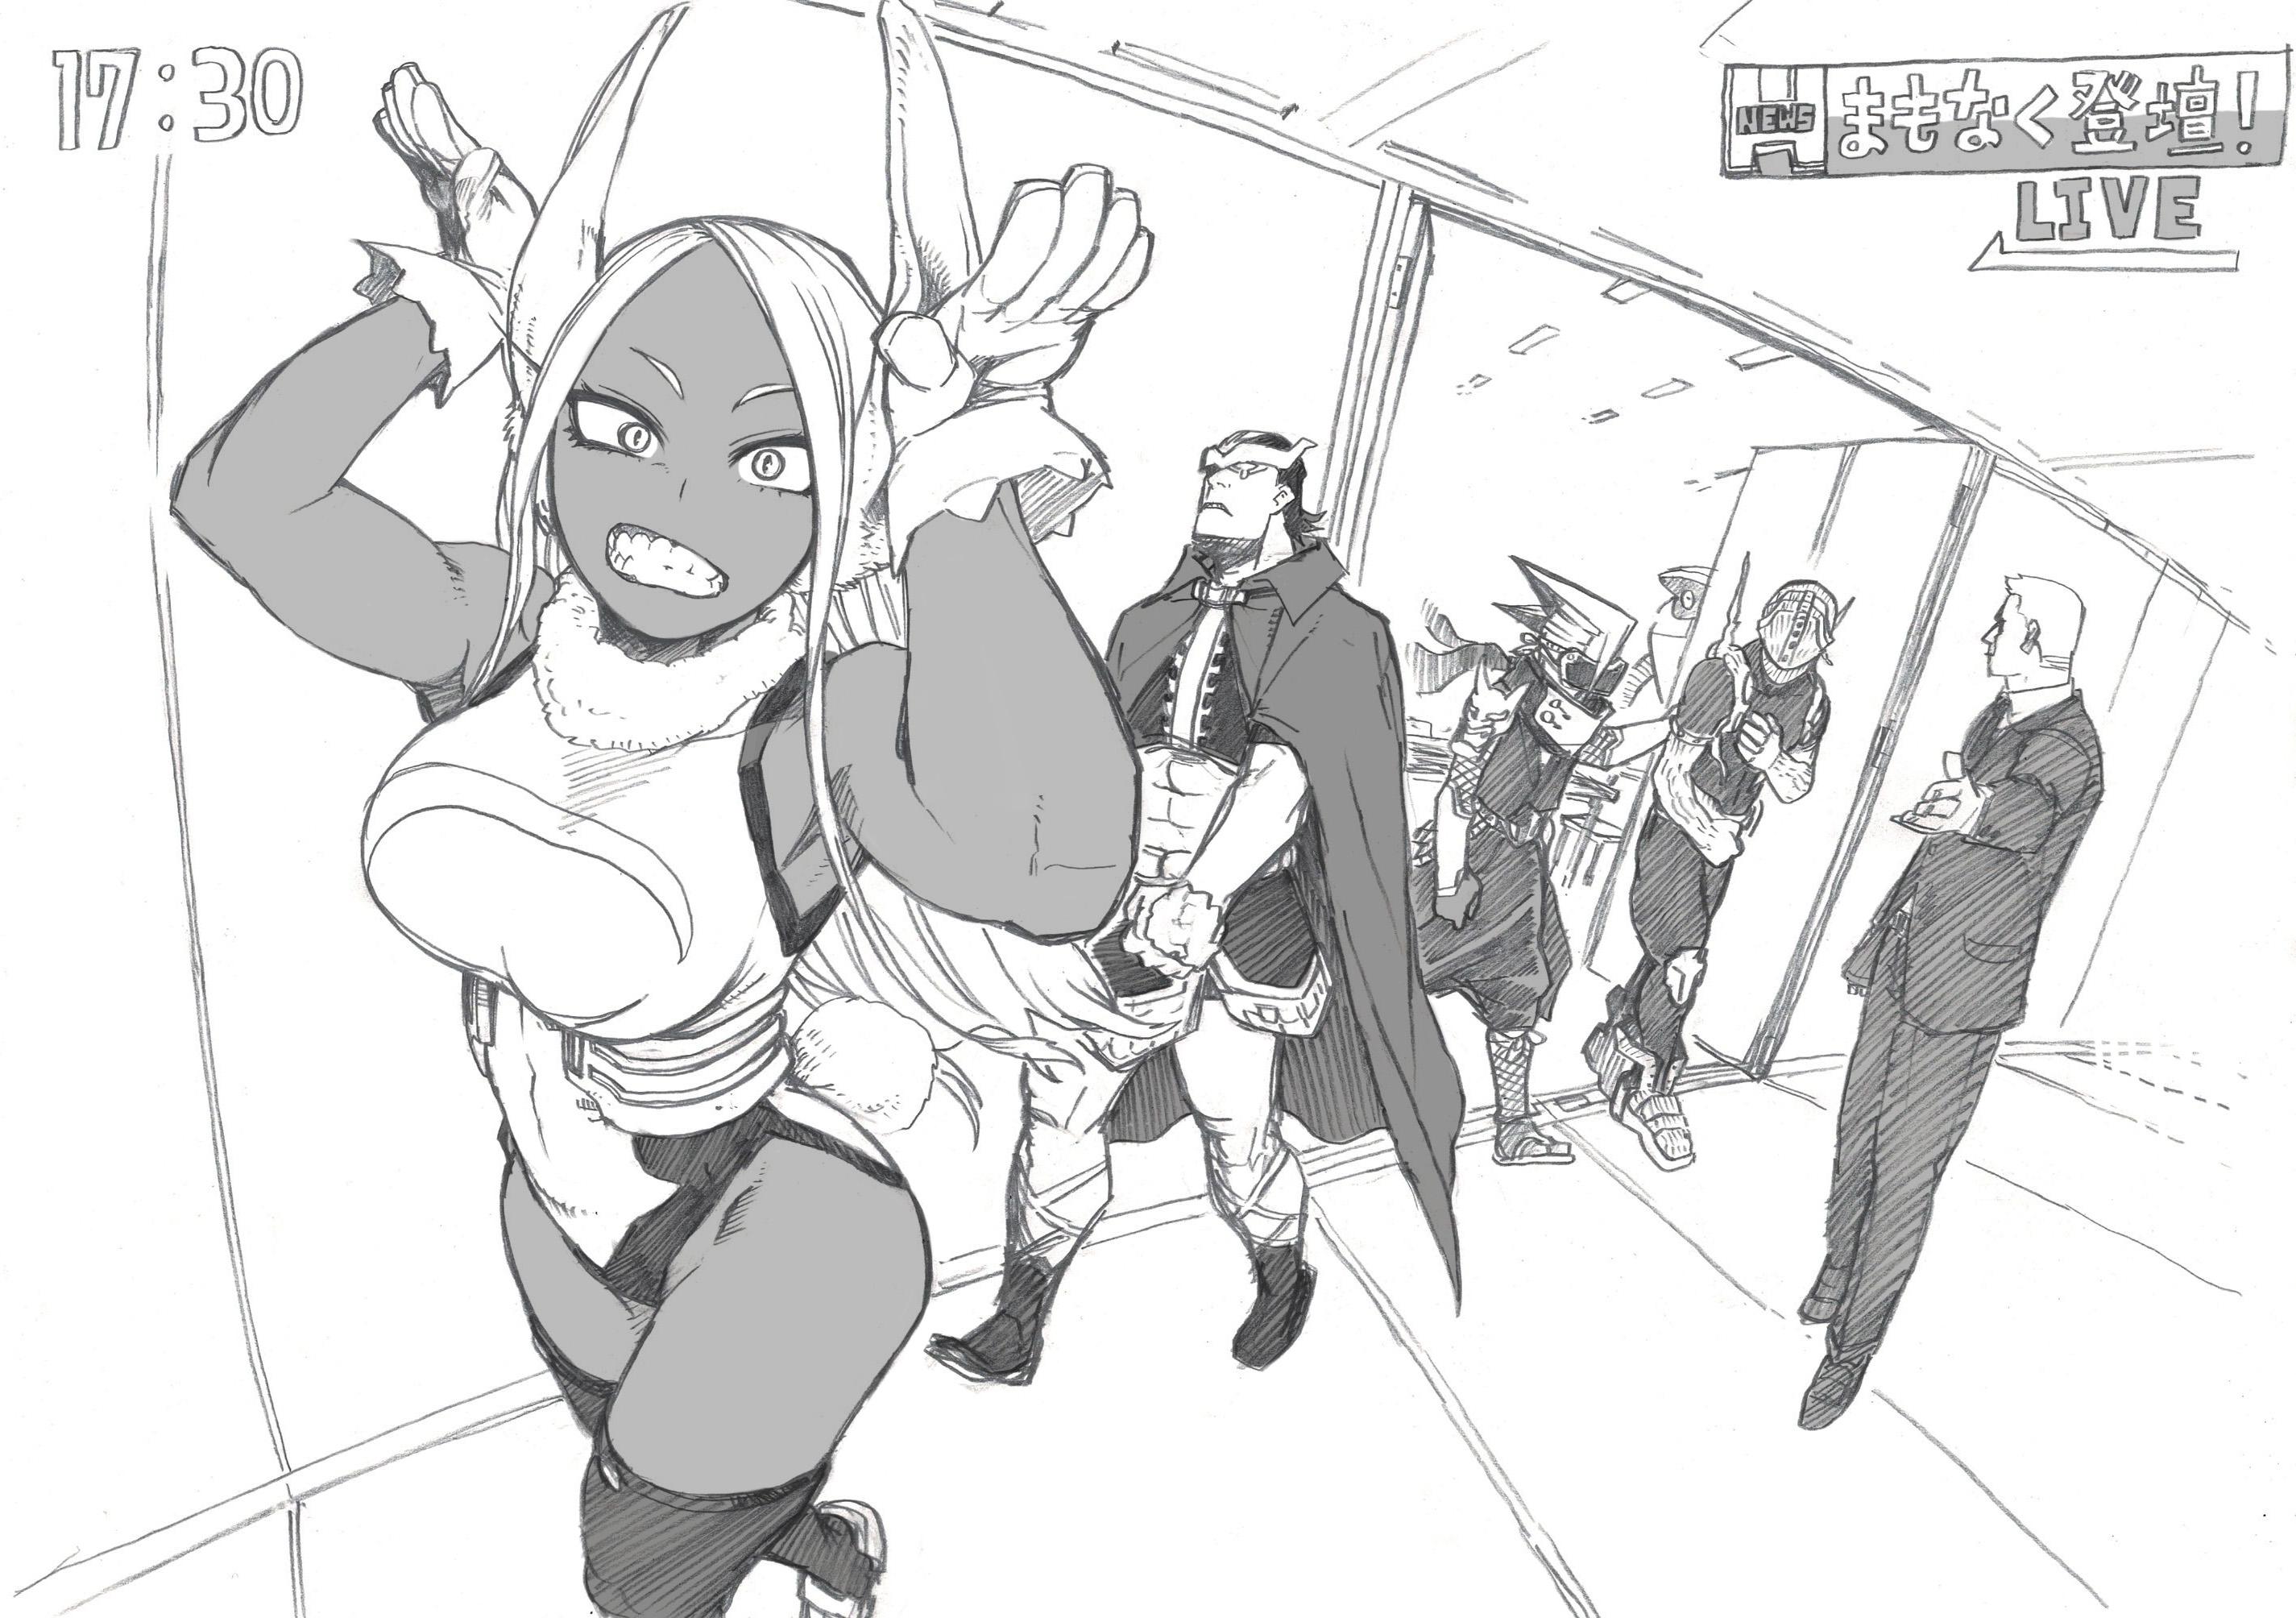 El autor de Boku no Hero Academia conmemora la aparición de Mirko y Hawks en el anime